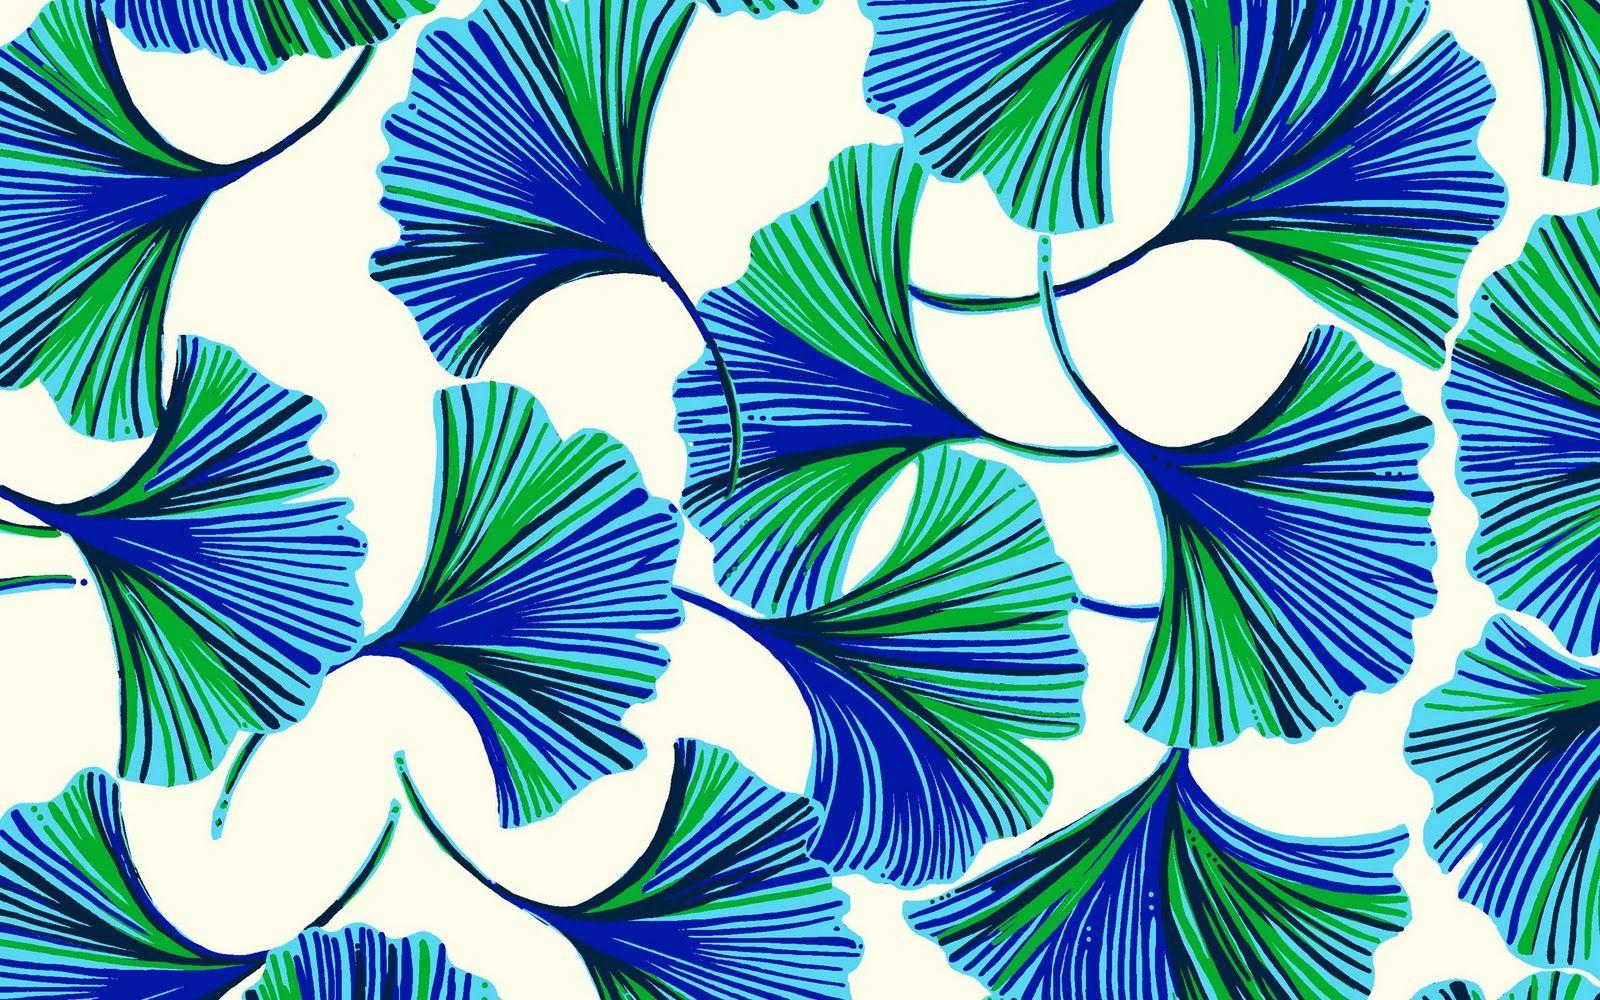 Fantastic Wallpaper Mac Artsy - bf64f3e82296e1452037df138d9129f2  Graphic_263553.jpg